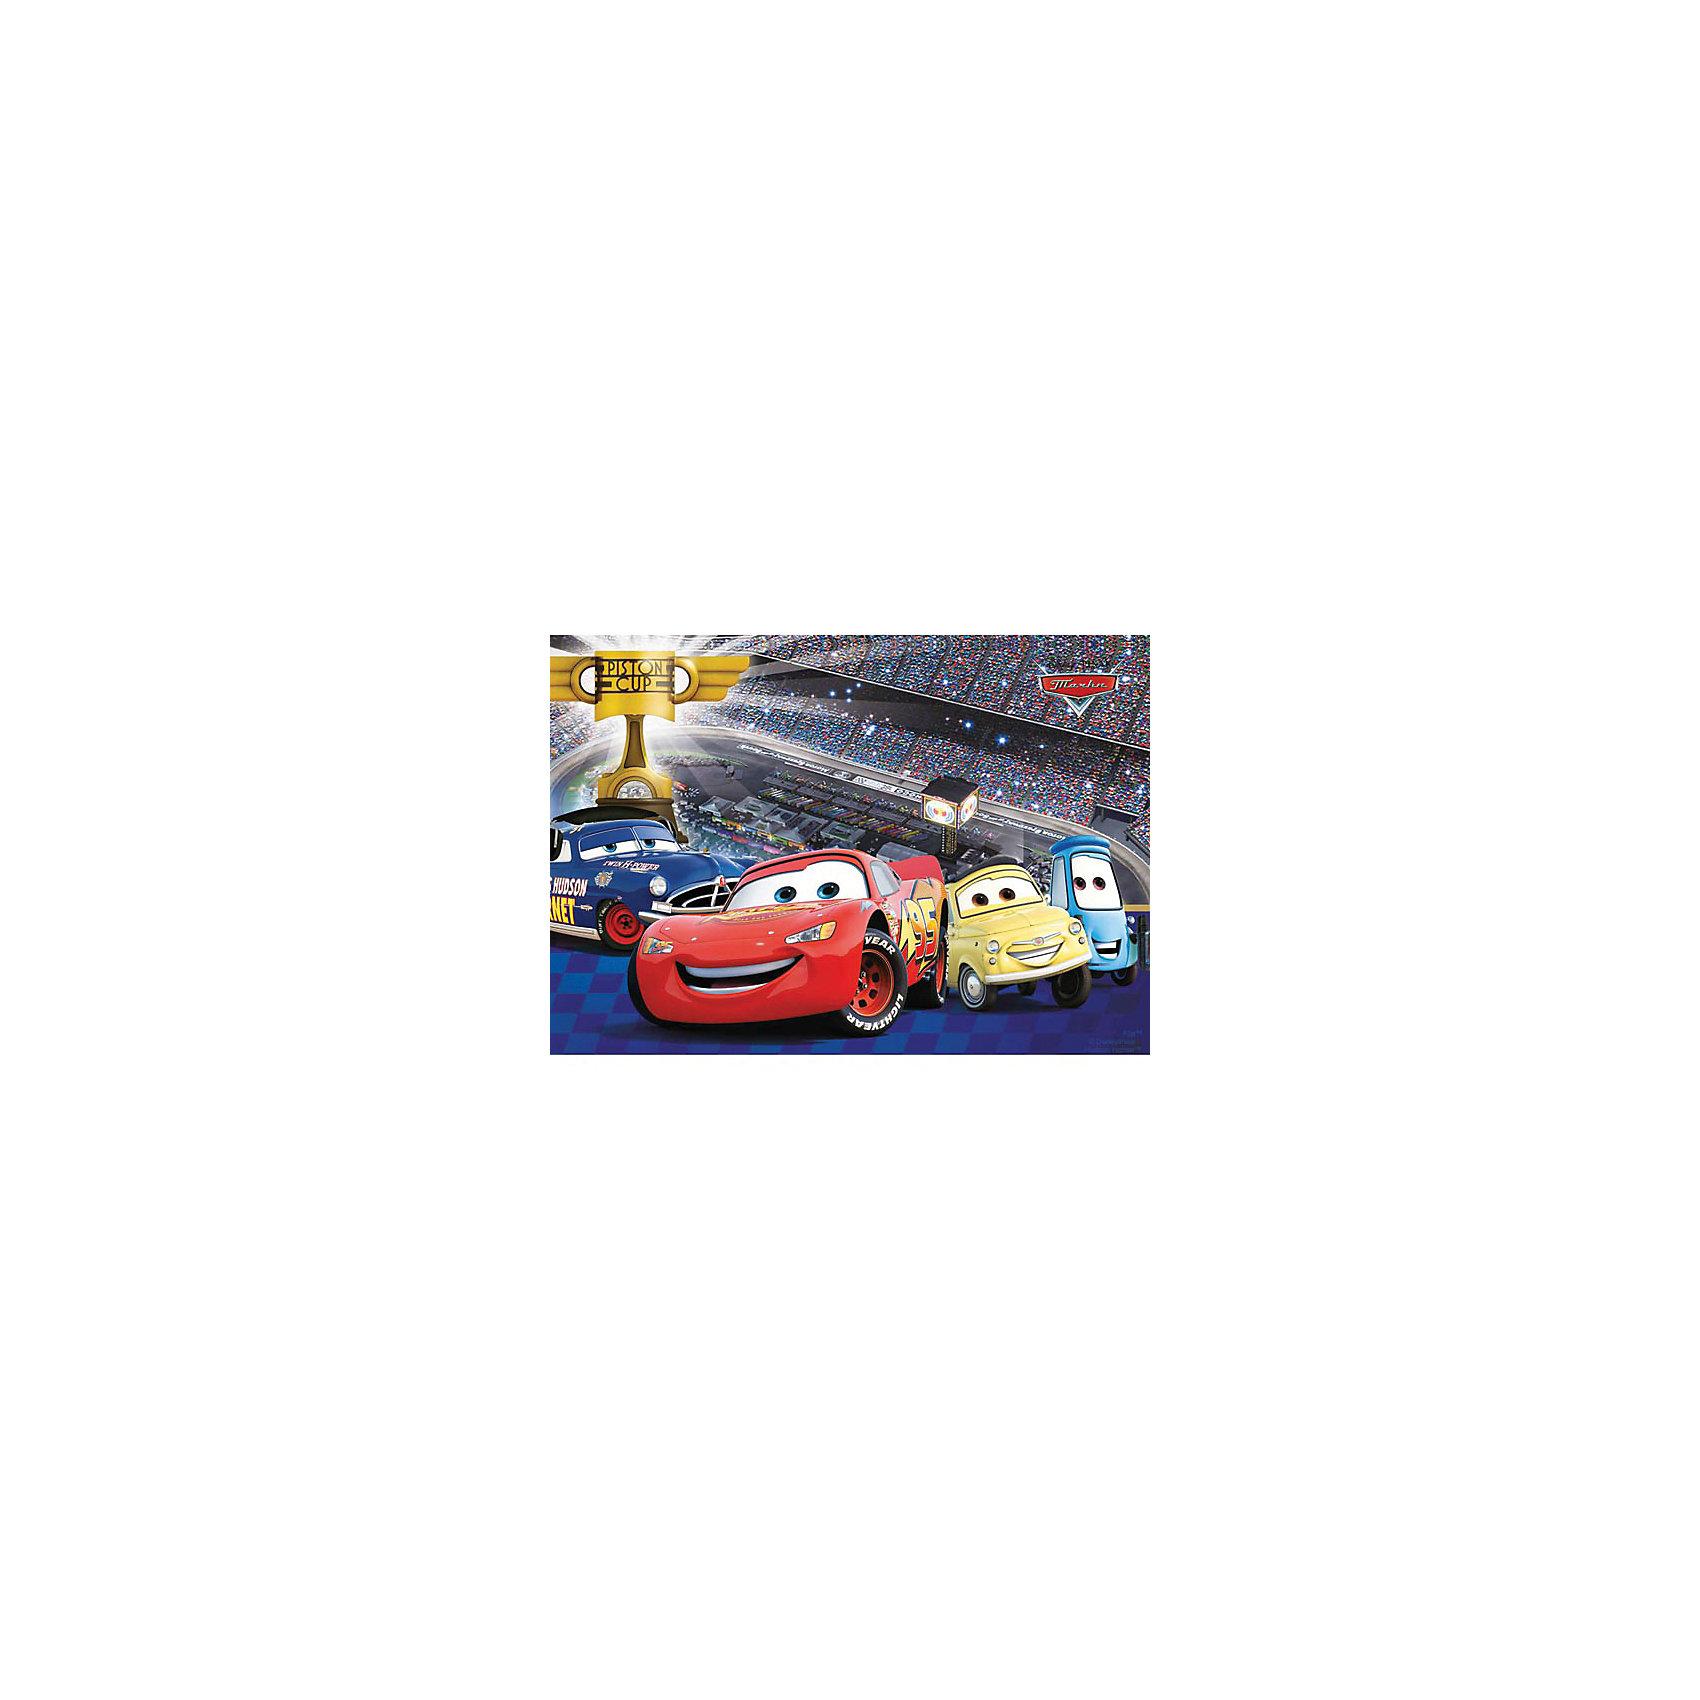 3D-наклейка Гоночная команда, Disney ТачкиЗнакомые герои популярного диснеевского мультфильма Тачки (Cars) собрались на ежегодные грандиозные гонки на кубок Поршня. Здесь и знаменитый Молния МакКуин, и малыш Гвидо, ворчливый Док Хадсон и эмоциональный Луиджи. Красочная 3D-наклейка Гоночная команда, Disney Тачки, станет замечательным украшением интерьера детской комнаты, особенно если Ваш ребенок поклонник популярных диснеевских машинок. Наклейка прочно крепится на стену с помощью специальных клеевых точек (входят в комплект). Выполнена из нетоксичного экологичного материала, не повреждает поверхность и безопасна для окрашенных стен. Подходят для поверхностей: дерево, плитка, металл, стекло, обои, пластик.<br><br>Дополнительная информация:<br><br>- Материал: пластик (ПЭТ).<br>- Размер: 35 х 48 см.<br>- Вес: 200 гр.<br><br>3D-наклейка Гоночная команда, Disney Тачки, Decoretto, можно купить в нашем интернет-магазине.<br><br>Ширина мм: 350<br>Глубина мм: 480<br>Высота мм: 3<br>Вес г: 200<br>Возраст от месяцев: 36<br>Возраст до месяцев: 72<br>Пол: Унисекс<br>Возраст: Детский<br>SKU: 4243312